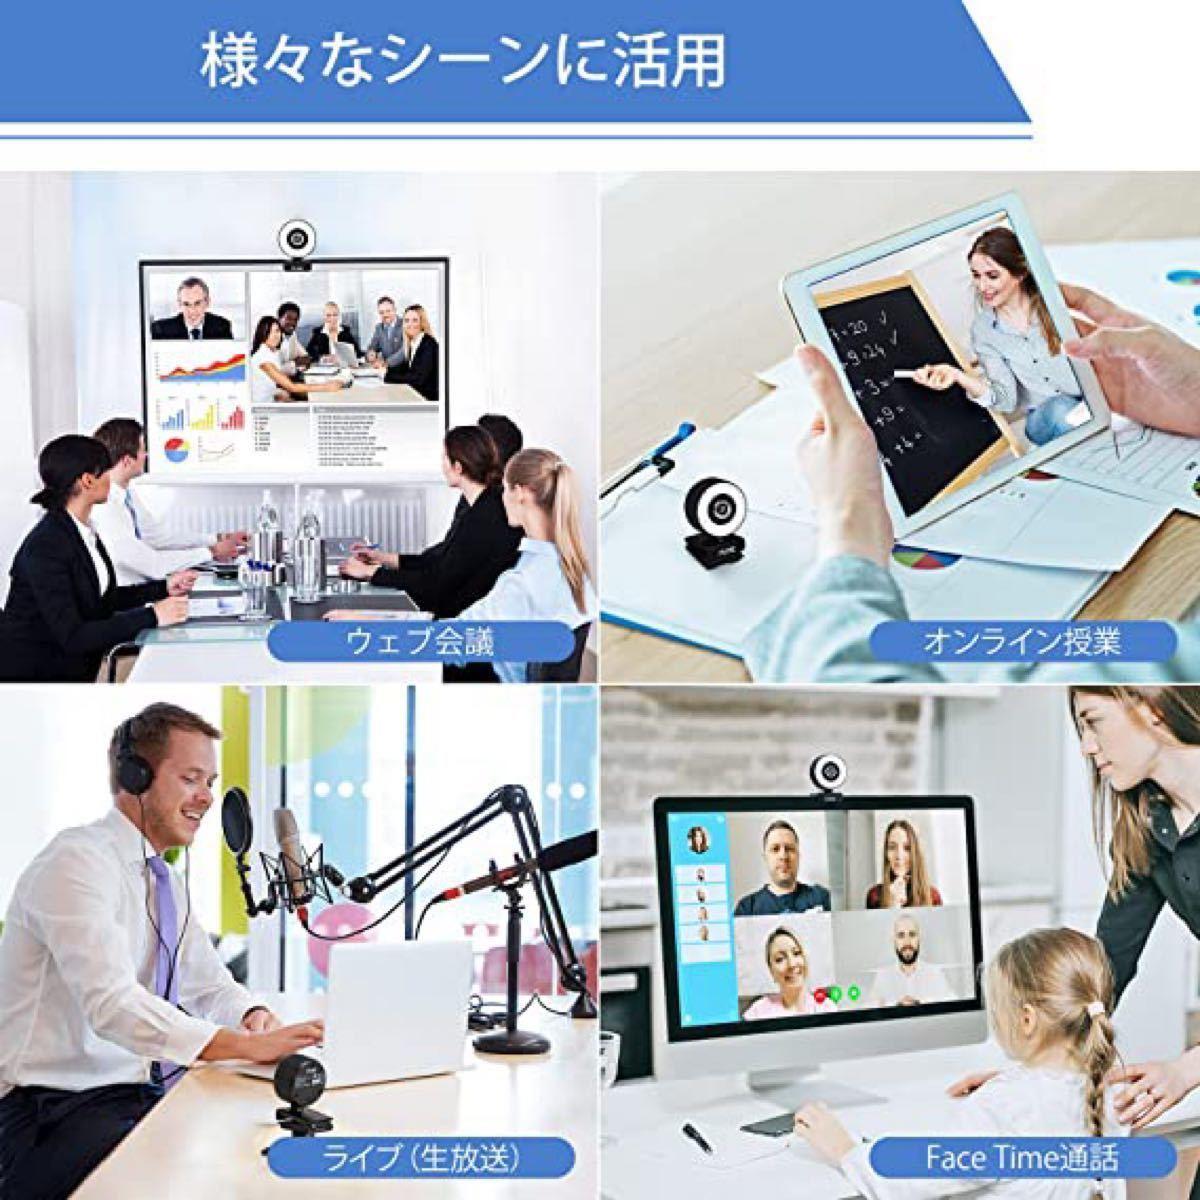 ウェブカメラ WEBカメラ フルHD1080P 200万画素 高画質 オートフォーカス 三脚付き リングライト 新品・未使用